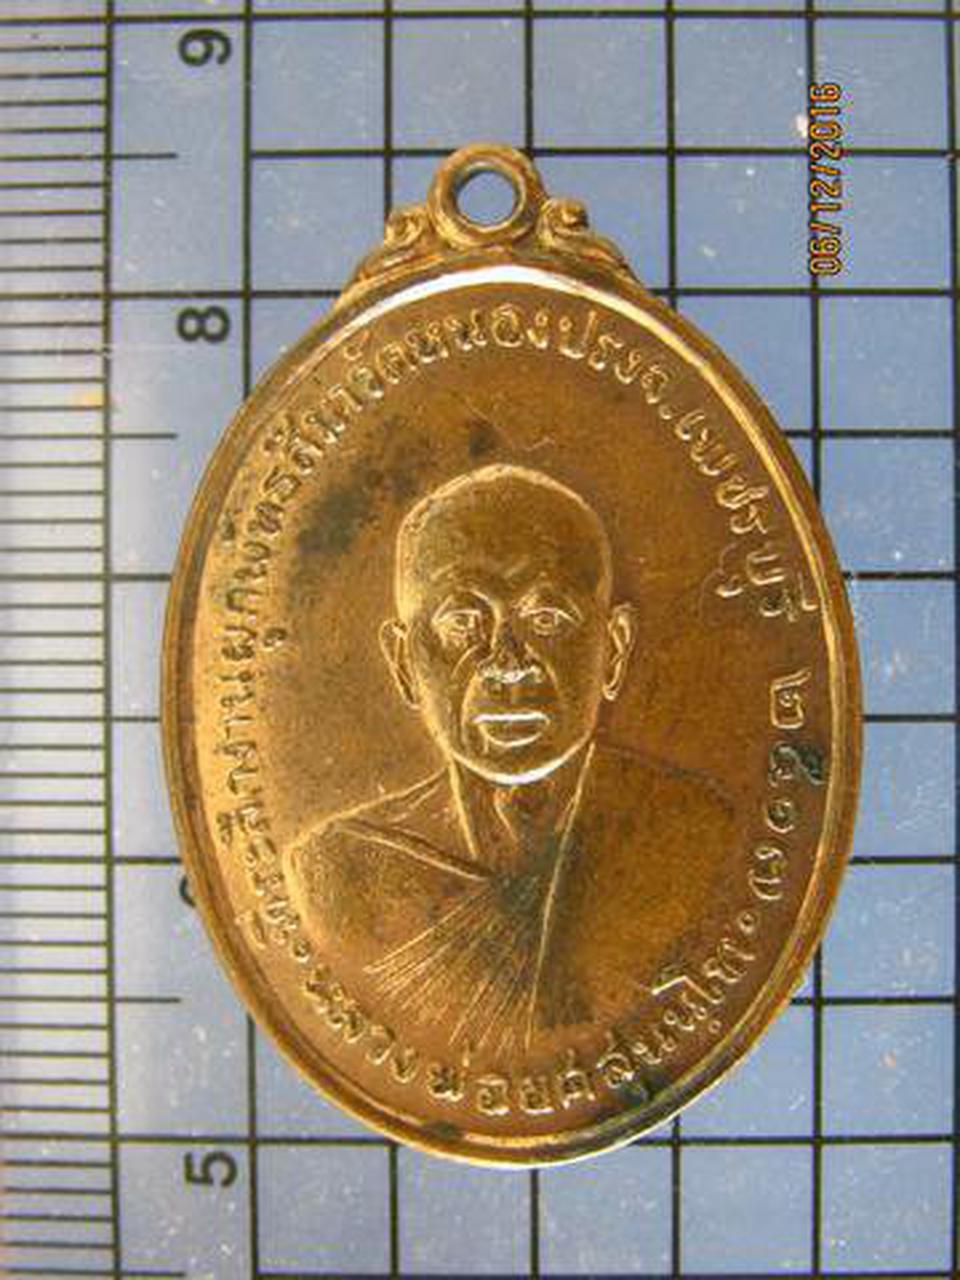 4125 เหรียญรุ่นแรกหลวงพ่อยศ วัดหนองปรง ปี 2517 จ.เพชรบุรี  รูปที่ 2